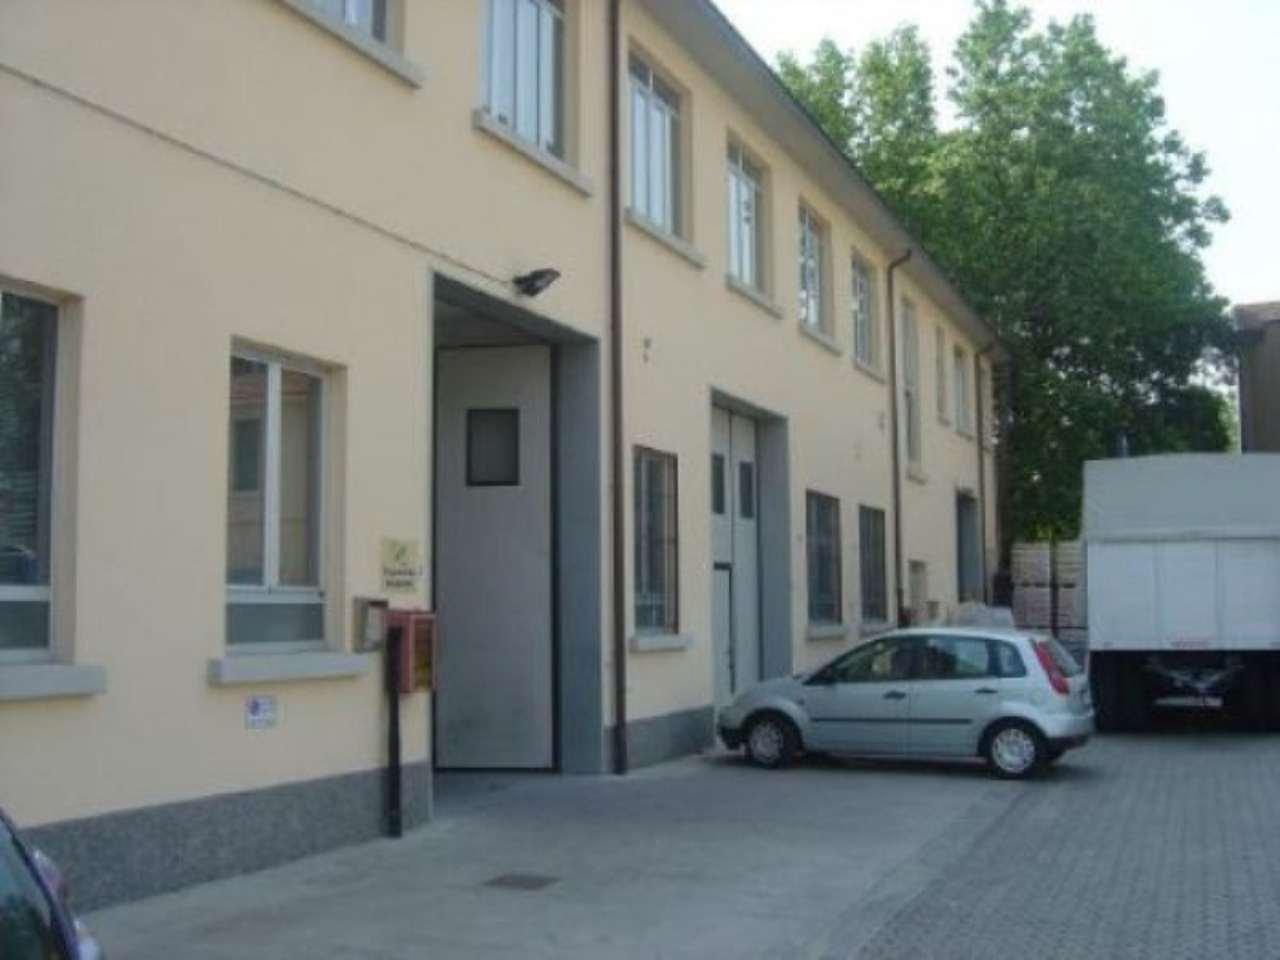 Ufficio / Studio in affitto a Cormano, 1 locali, prezzo € 1.000 | Cambio Casa.it